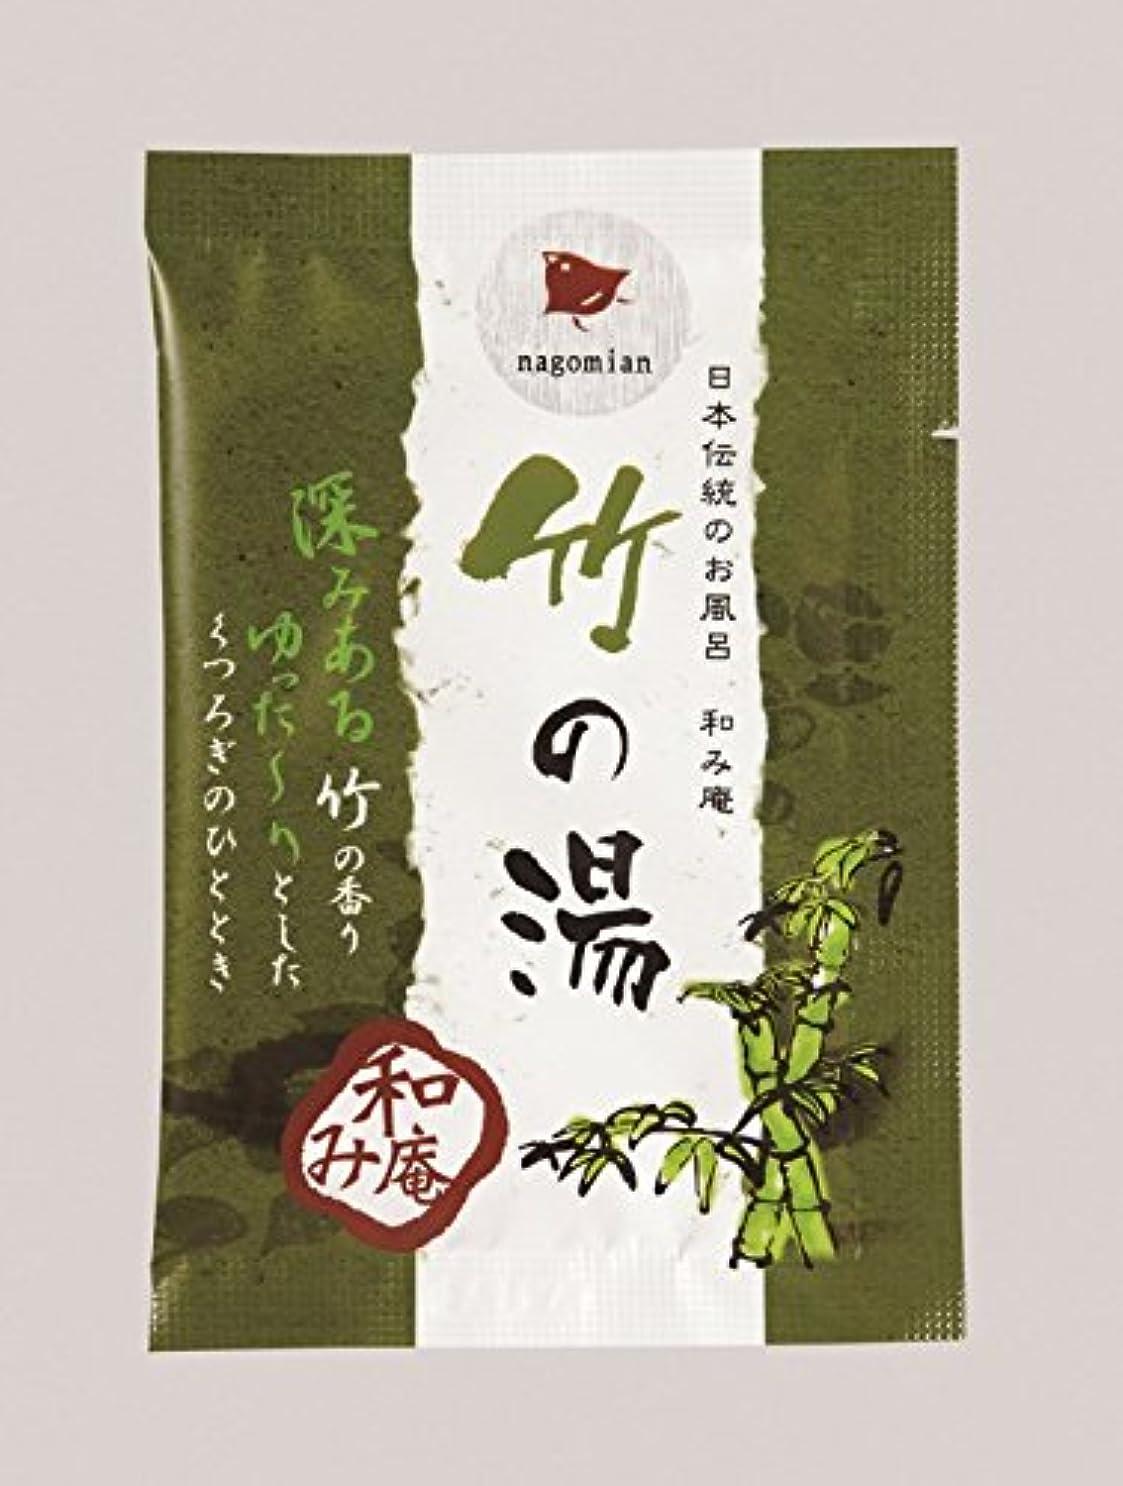 締める標準ファントム入浴剤 和み庵(竹の湯)25g ケース 200個入り